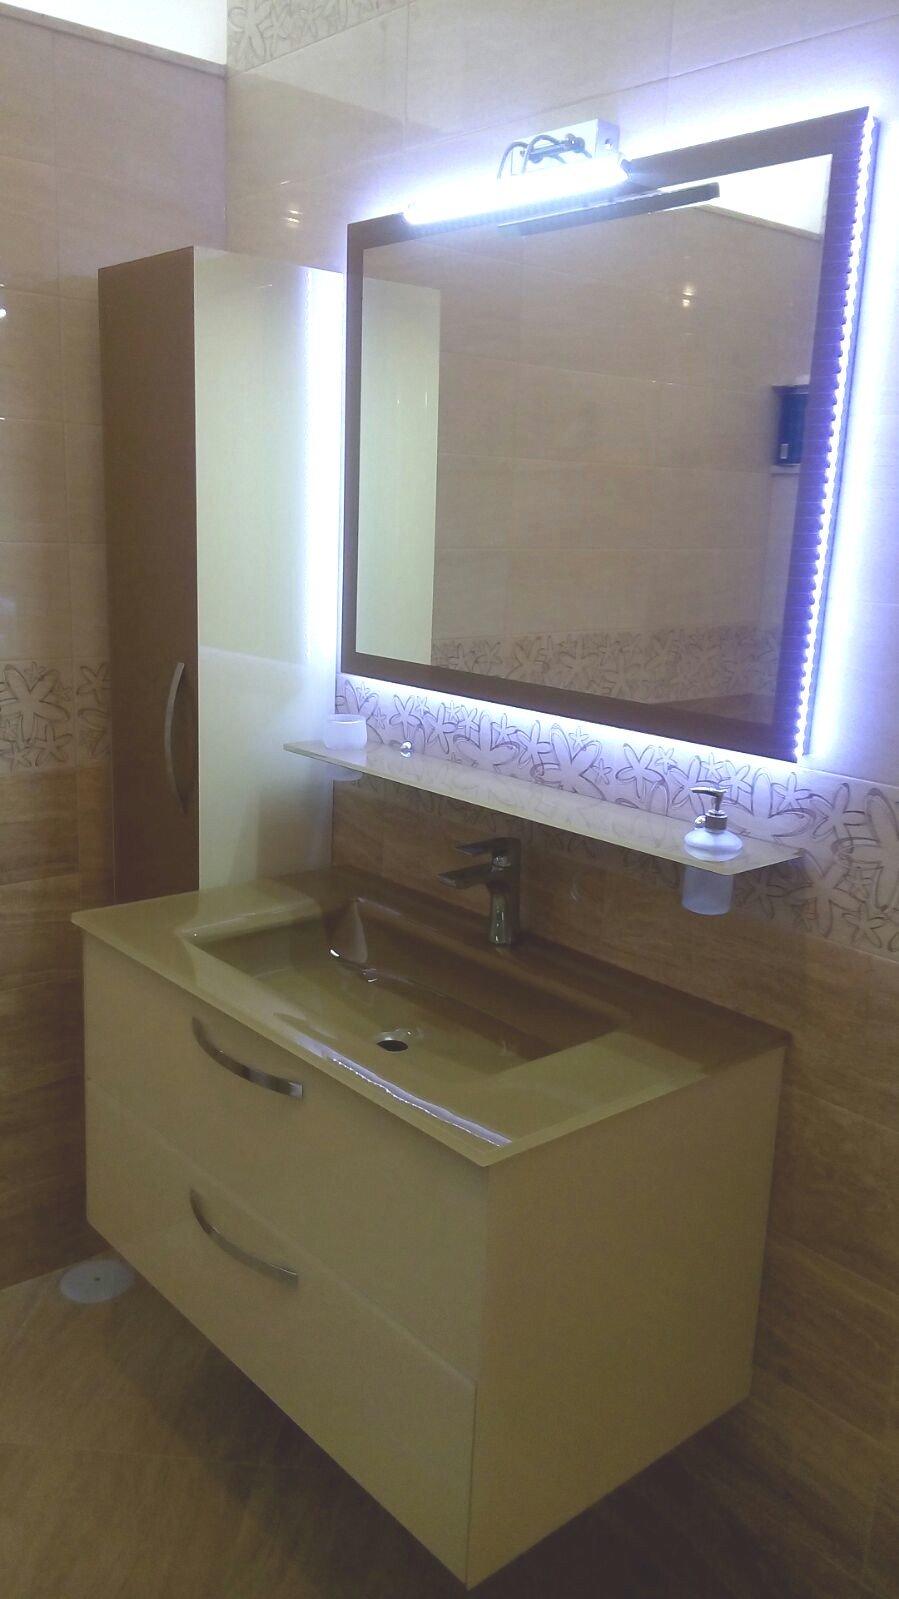 Vetrinetta Per Bagno: Duzzle cassettiera bagno bali bianca tft. ts ...